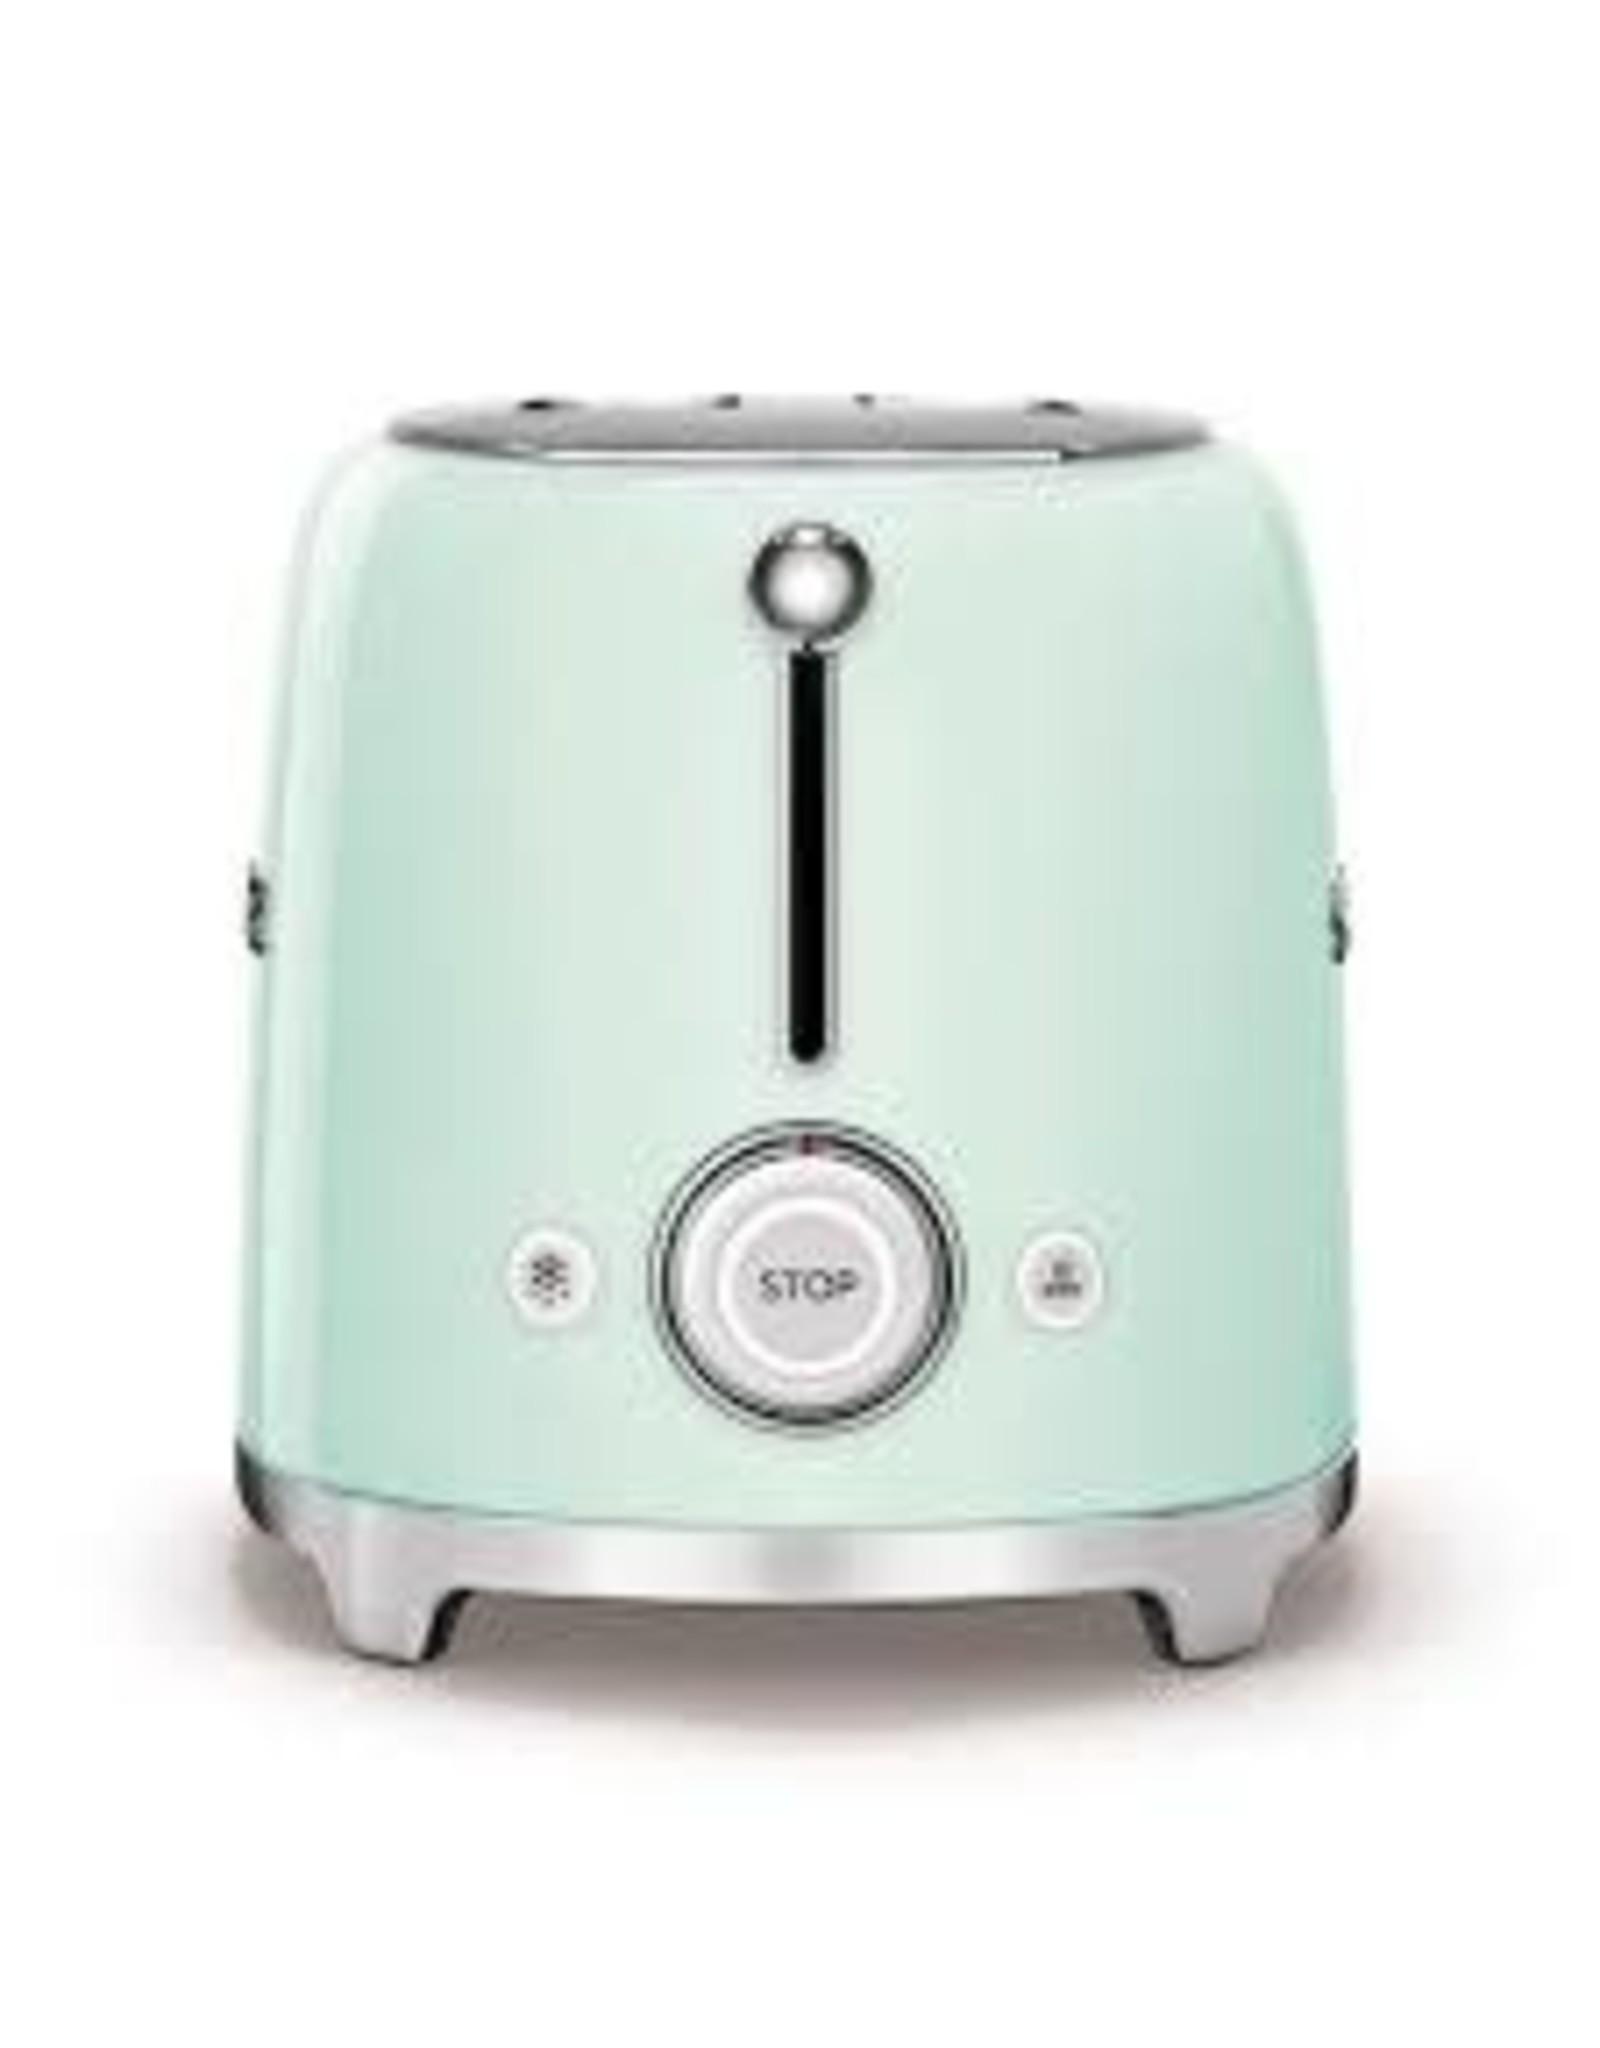 Smeg SMEG - 2 Slot Toaster - Green